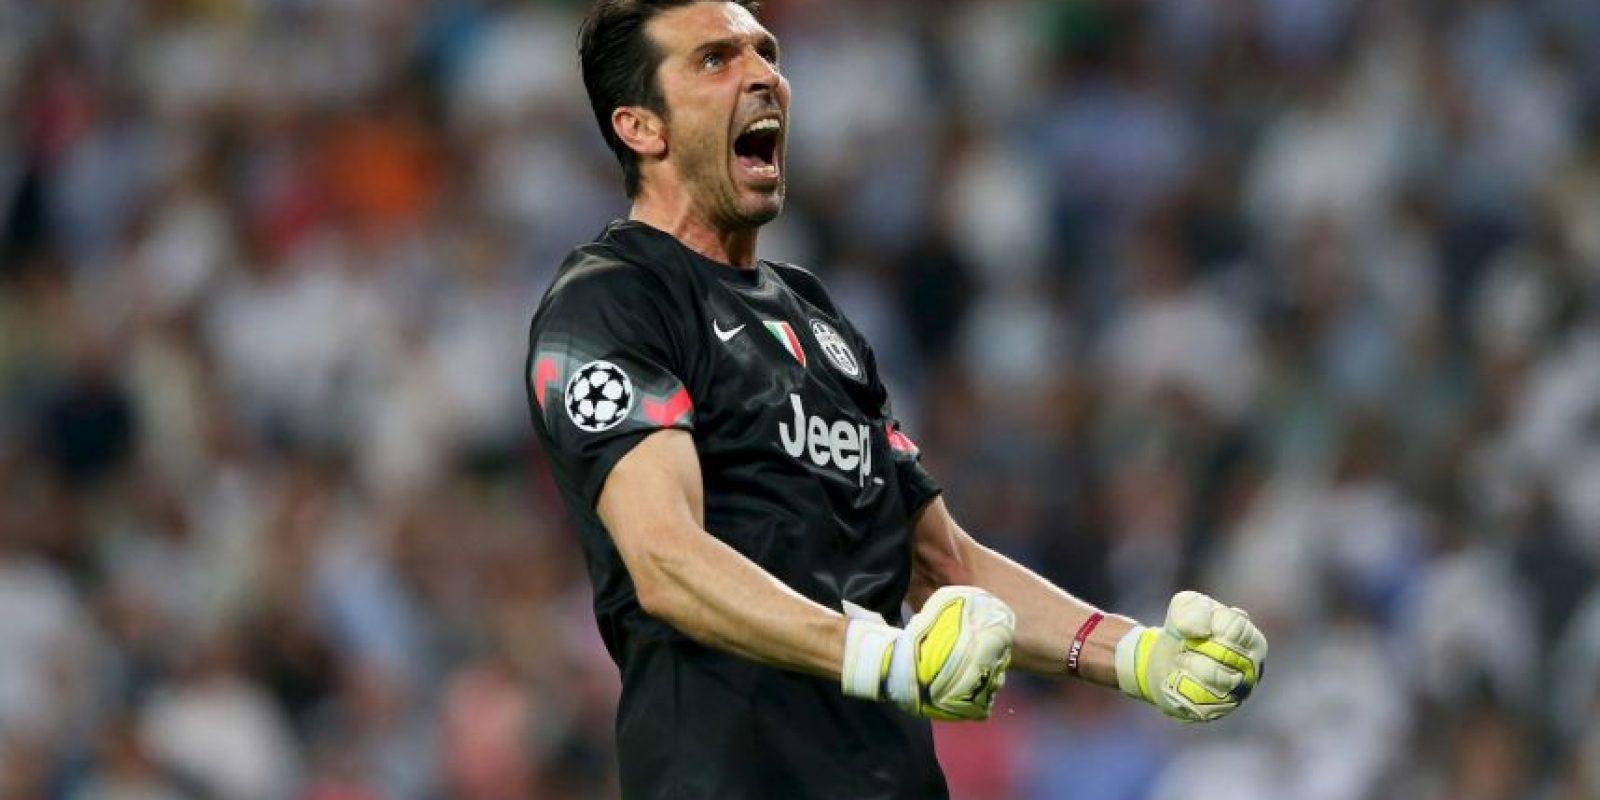 12. Si gana la final empataría a Inter de Milán y Manchester United con tres estrellas en el puesto siete como el más ganador de Europa Foto:Getty Images